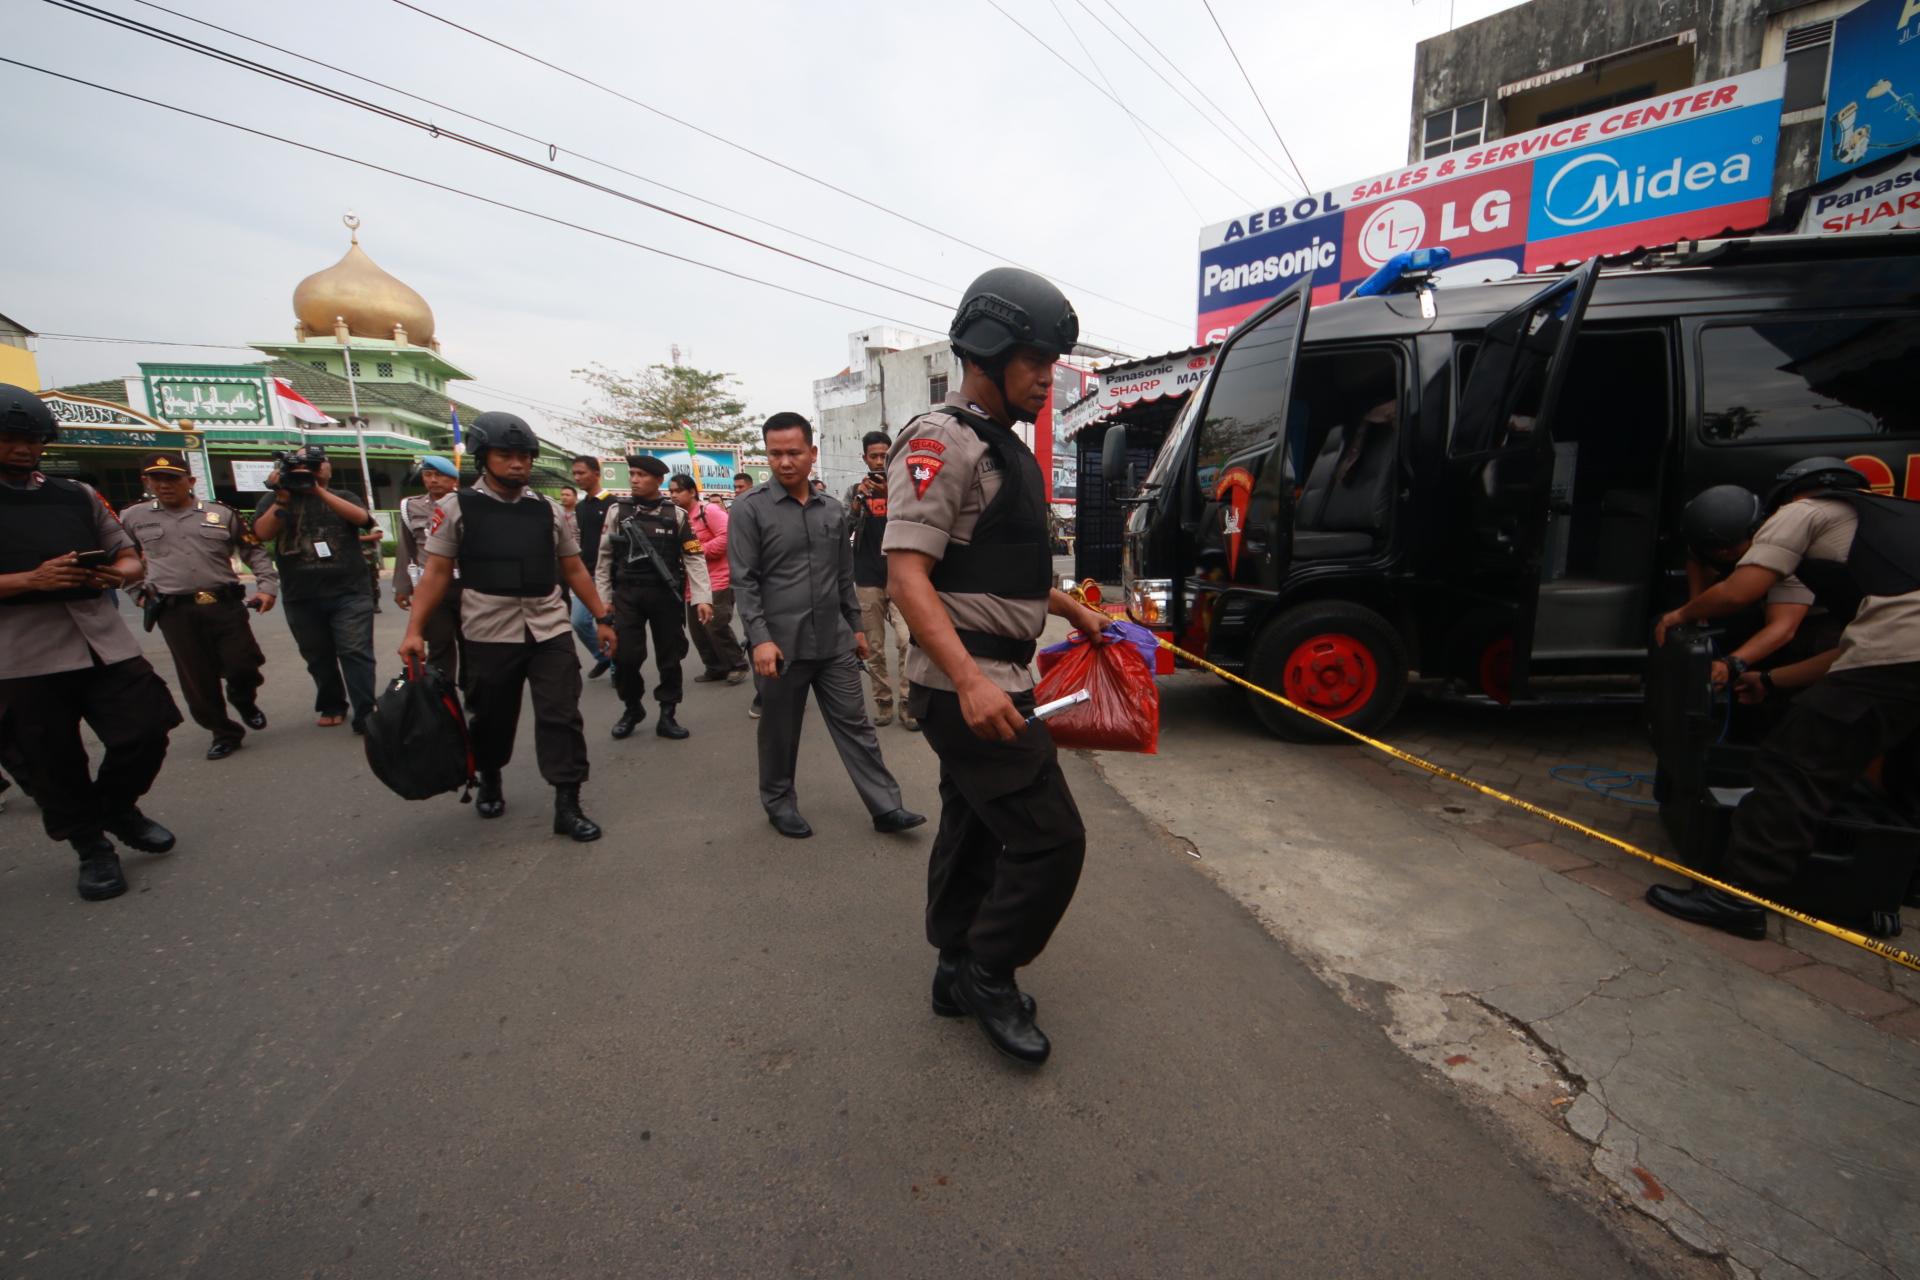 Pemilik Barang yang Dikira Bom Sempat Melambaikan Tangan ke CCTV